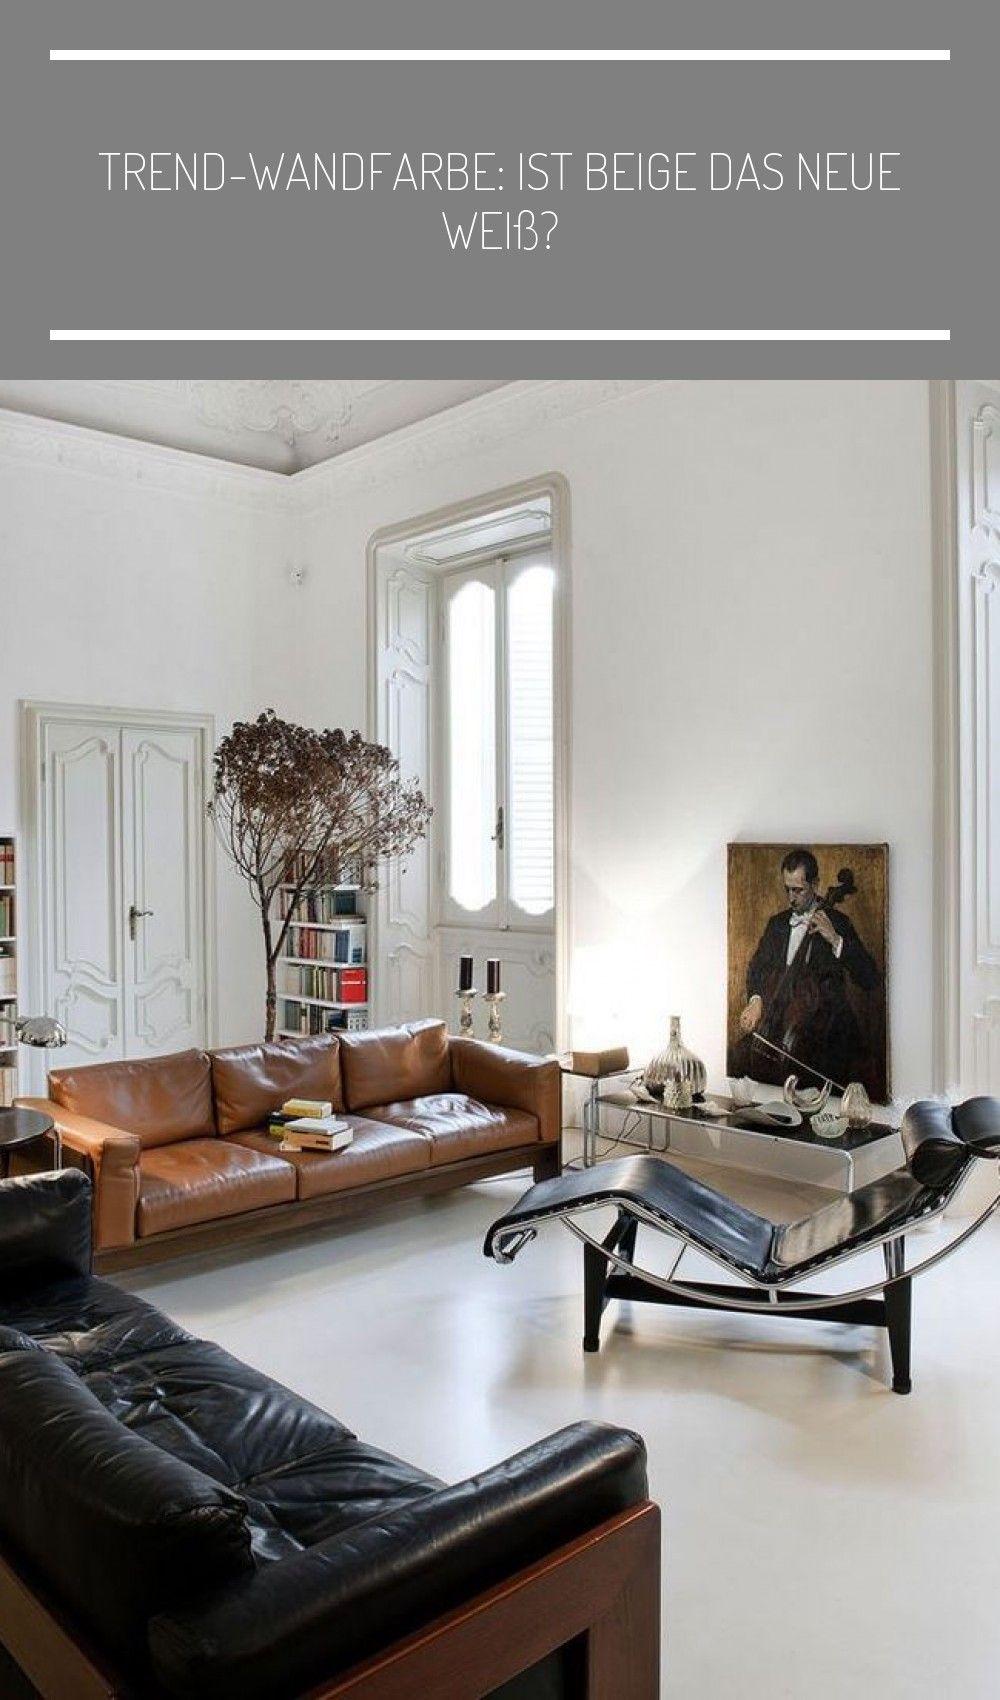 Wohnzimmer - #altbau #wohnzimmer #altbauwohnung wohnzimmer in 7